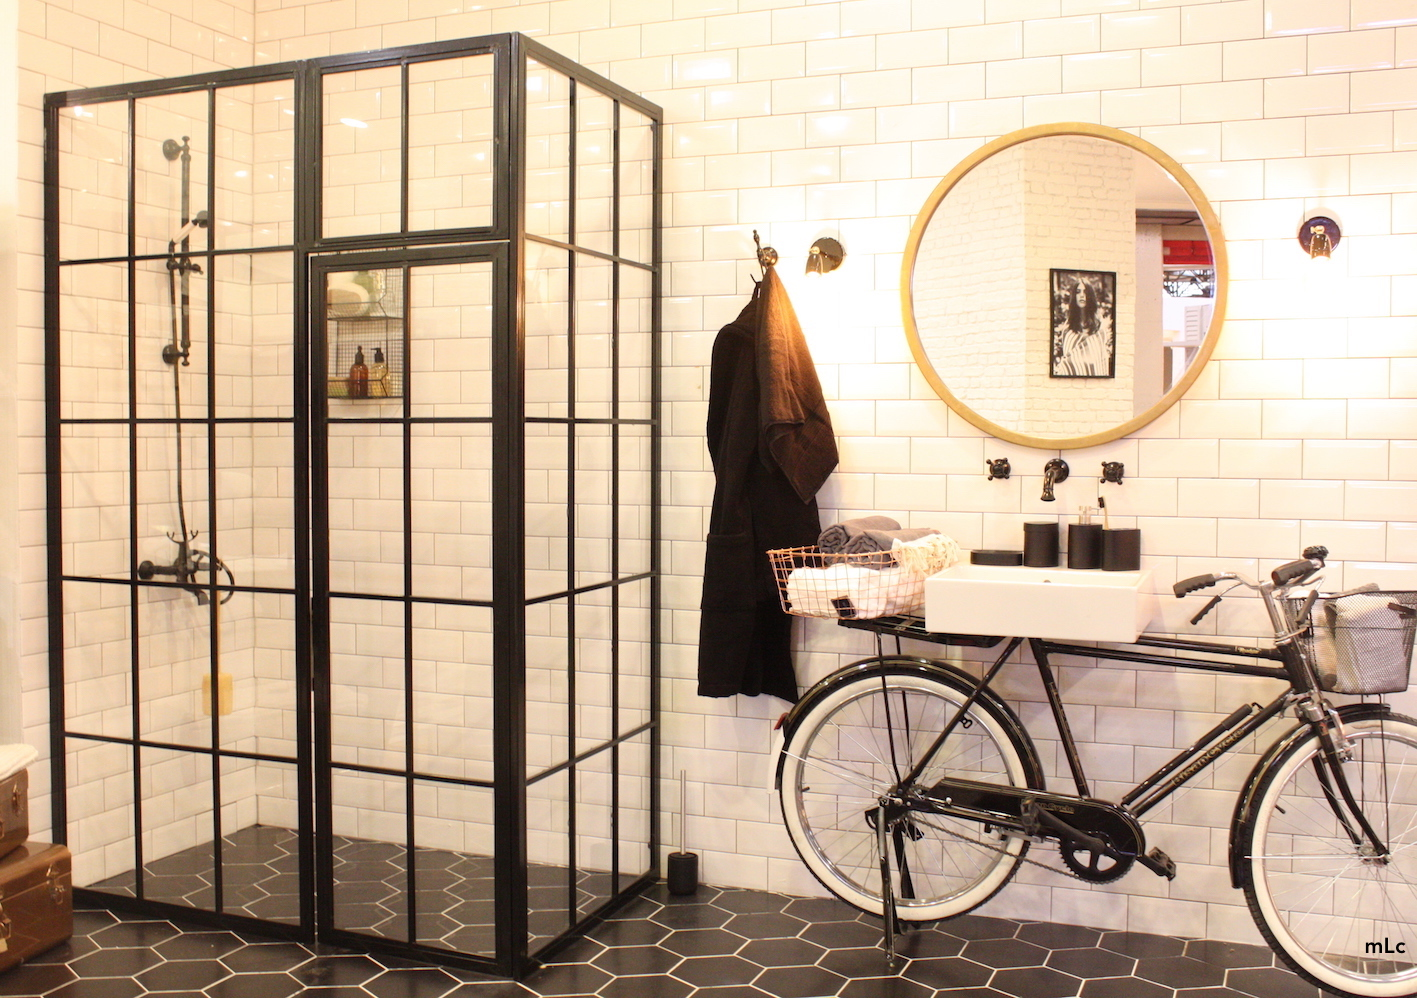 une verri re dans ma salle de bain le blog d co de mlc. Black Bedroom Furniture Sets. Home Design Ideas